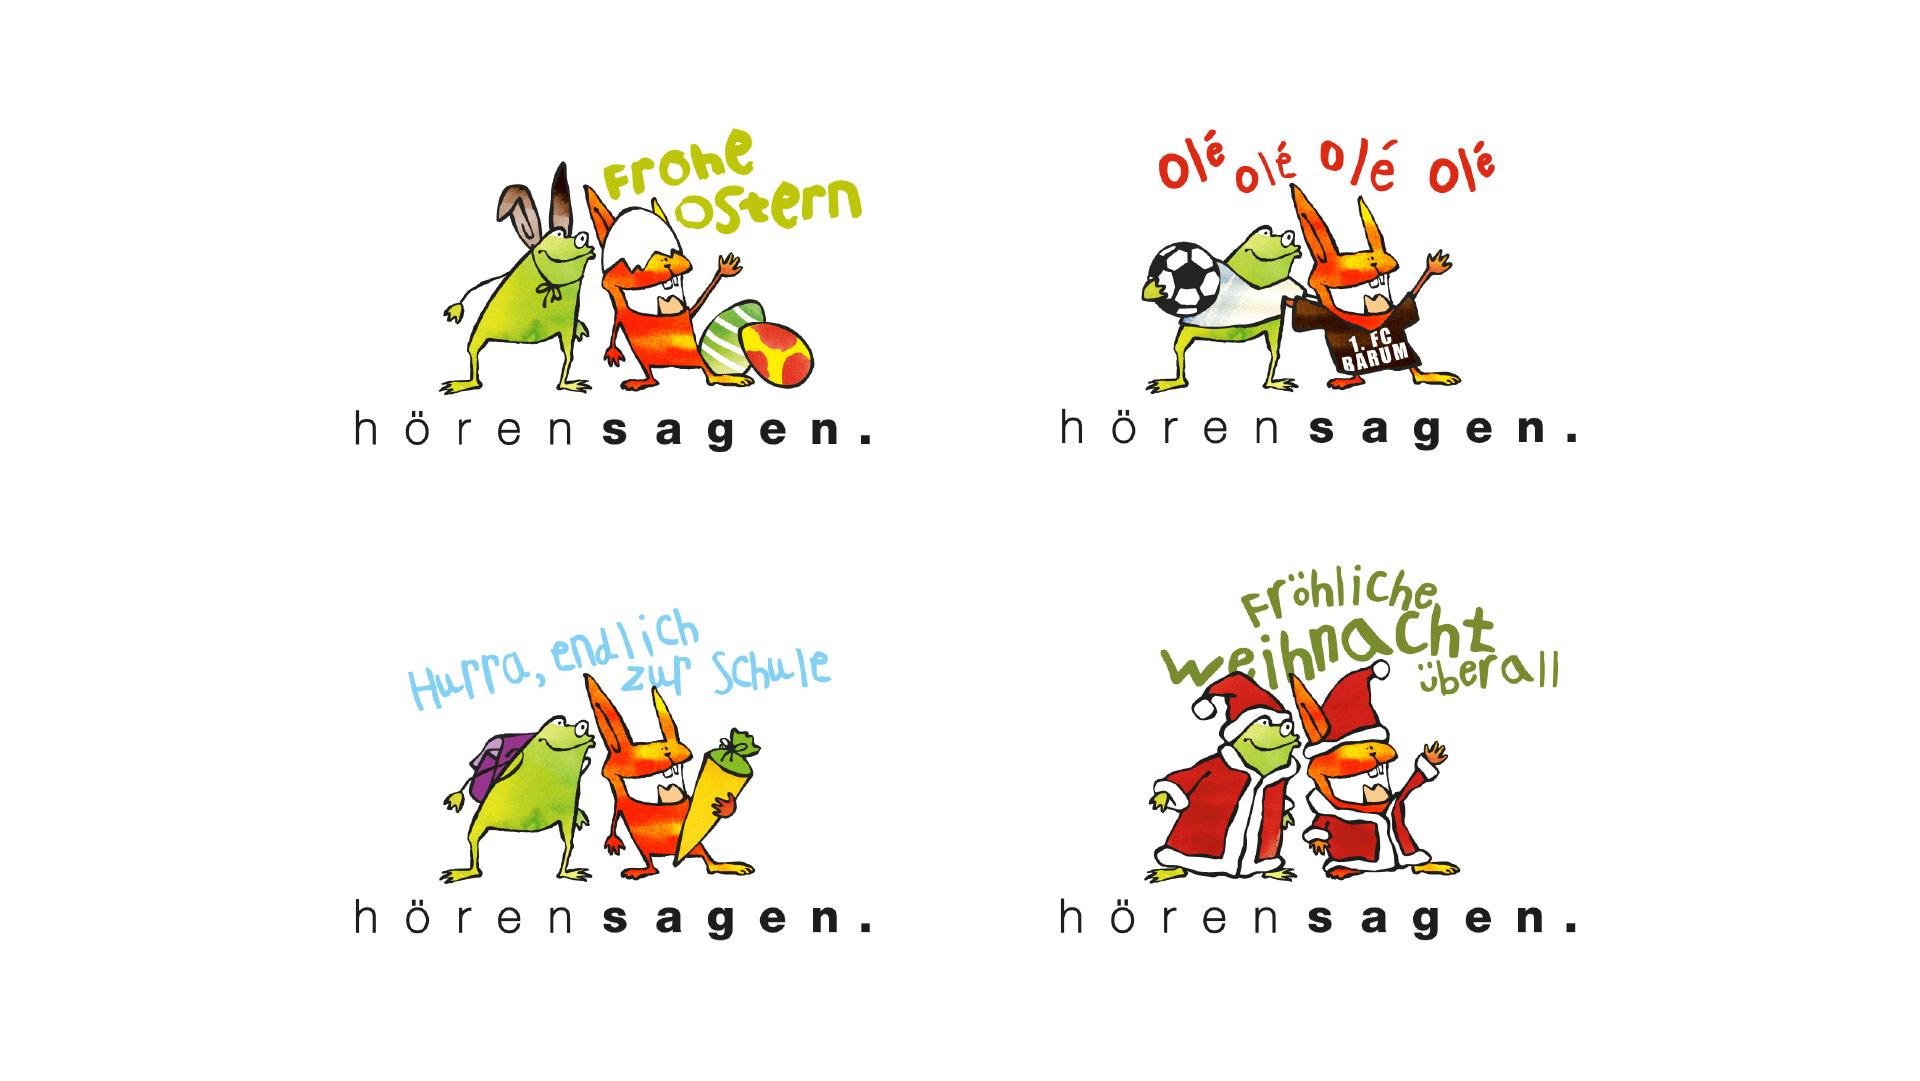 4 Logovarianten des Logos hörensagen zu diversen Anlässen - Ostern, Fussball-WM, Schulanfang und Weihnachten